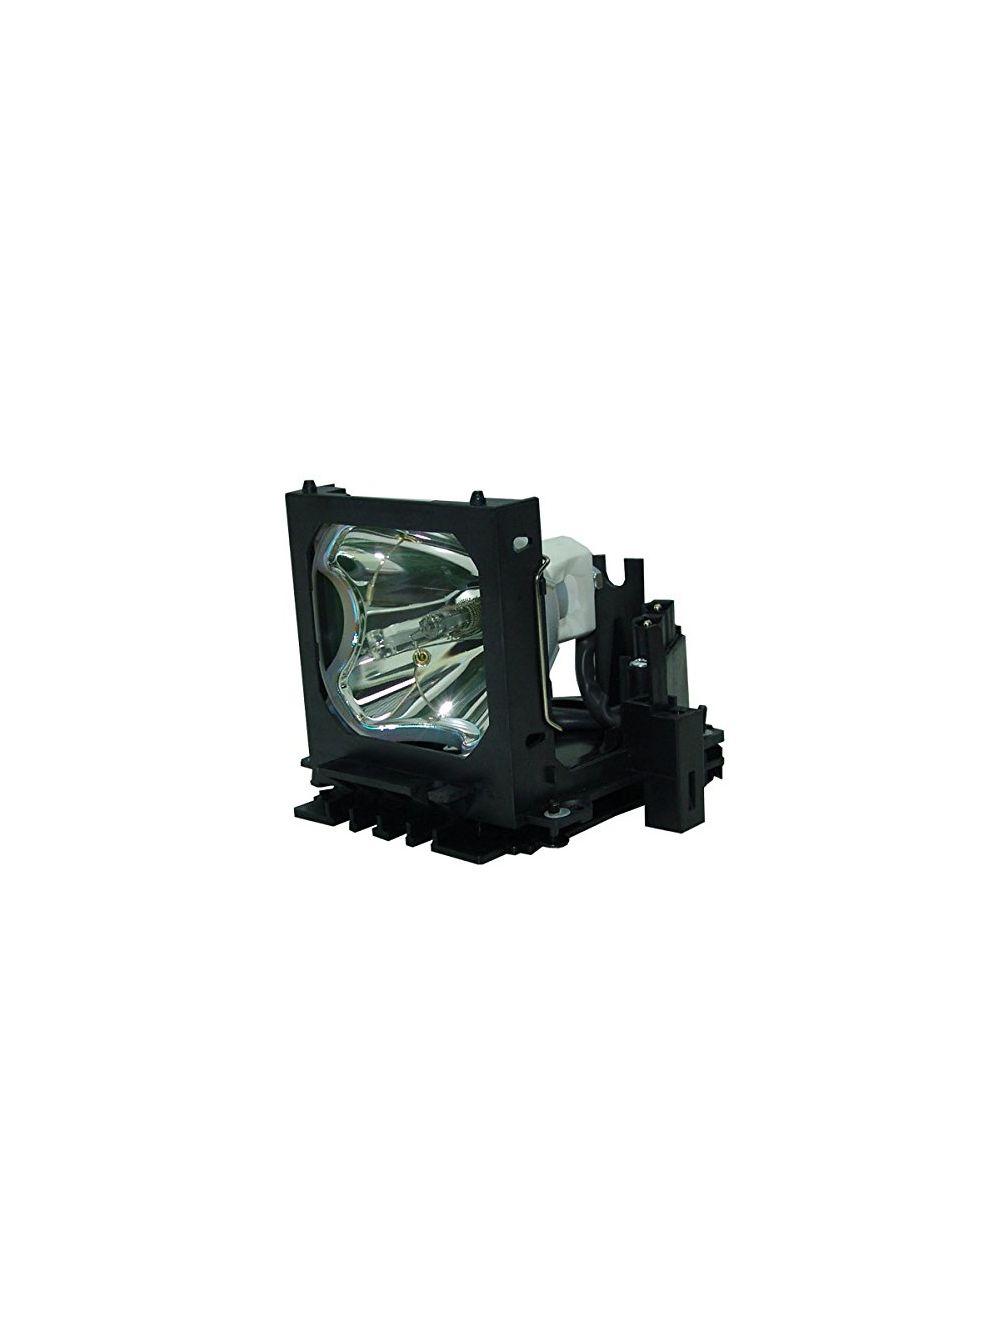 Dukane 456 240 150w Uhp Projector Lamp 456 240 Buy Bulb Purple Cat Ltd